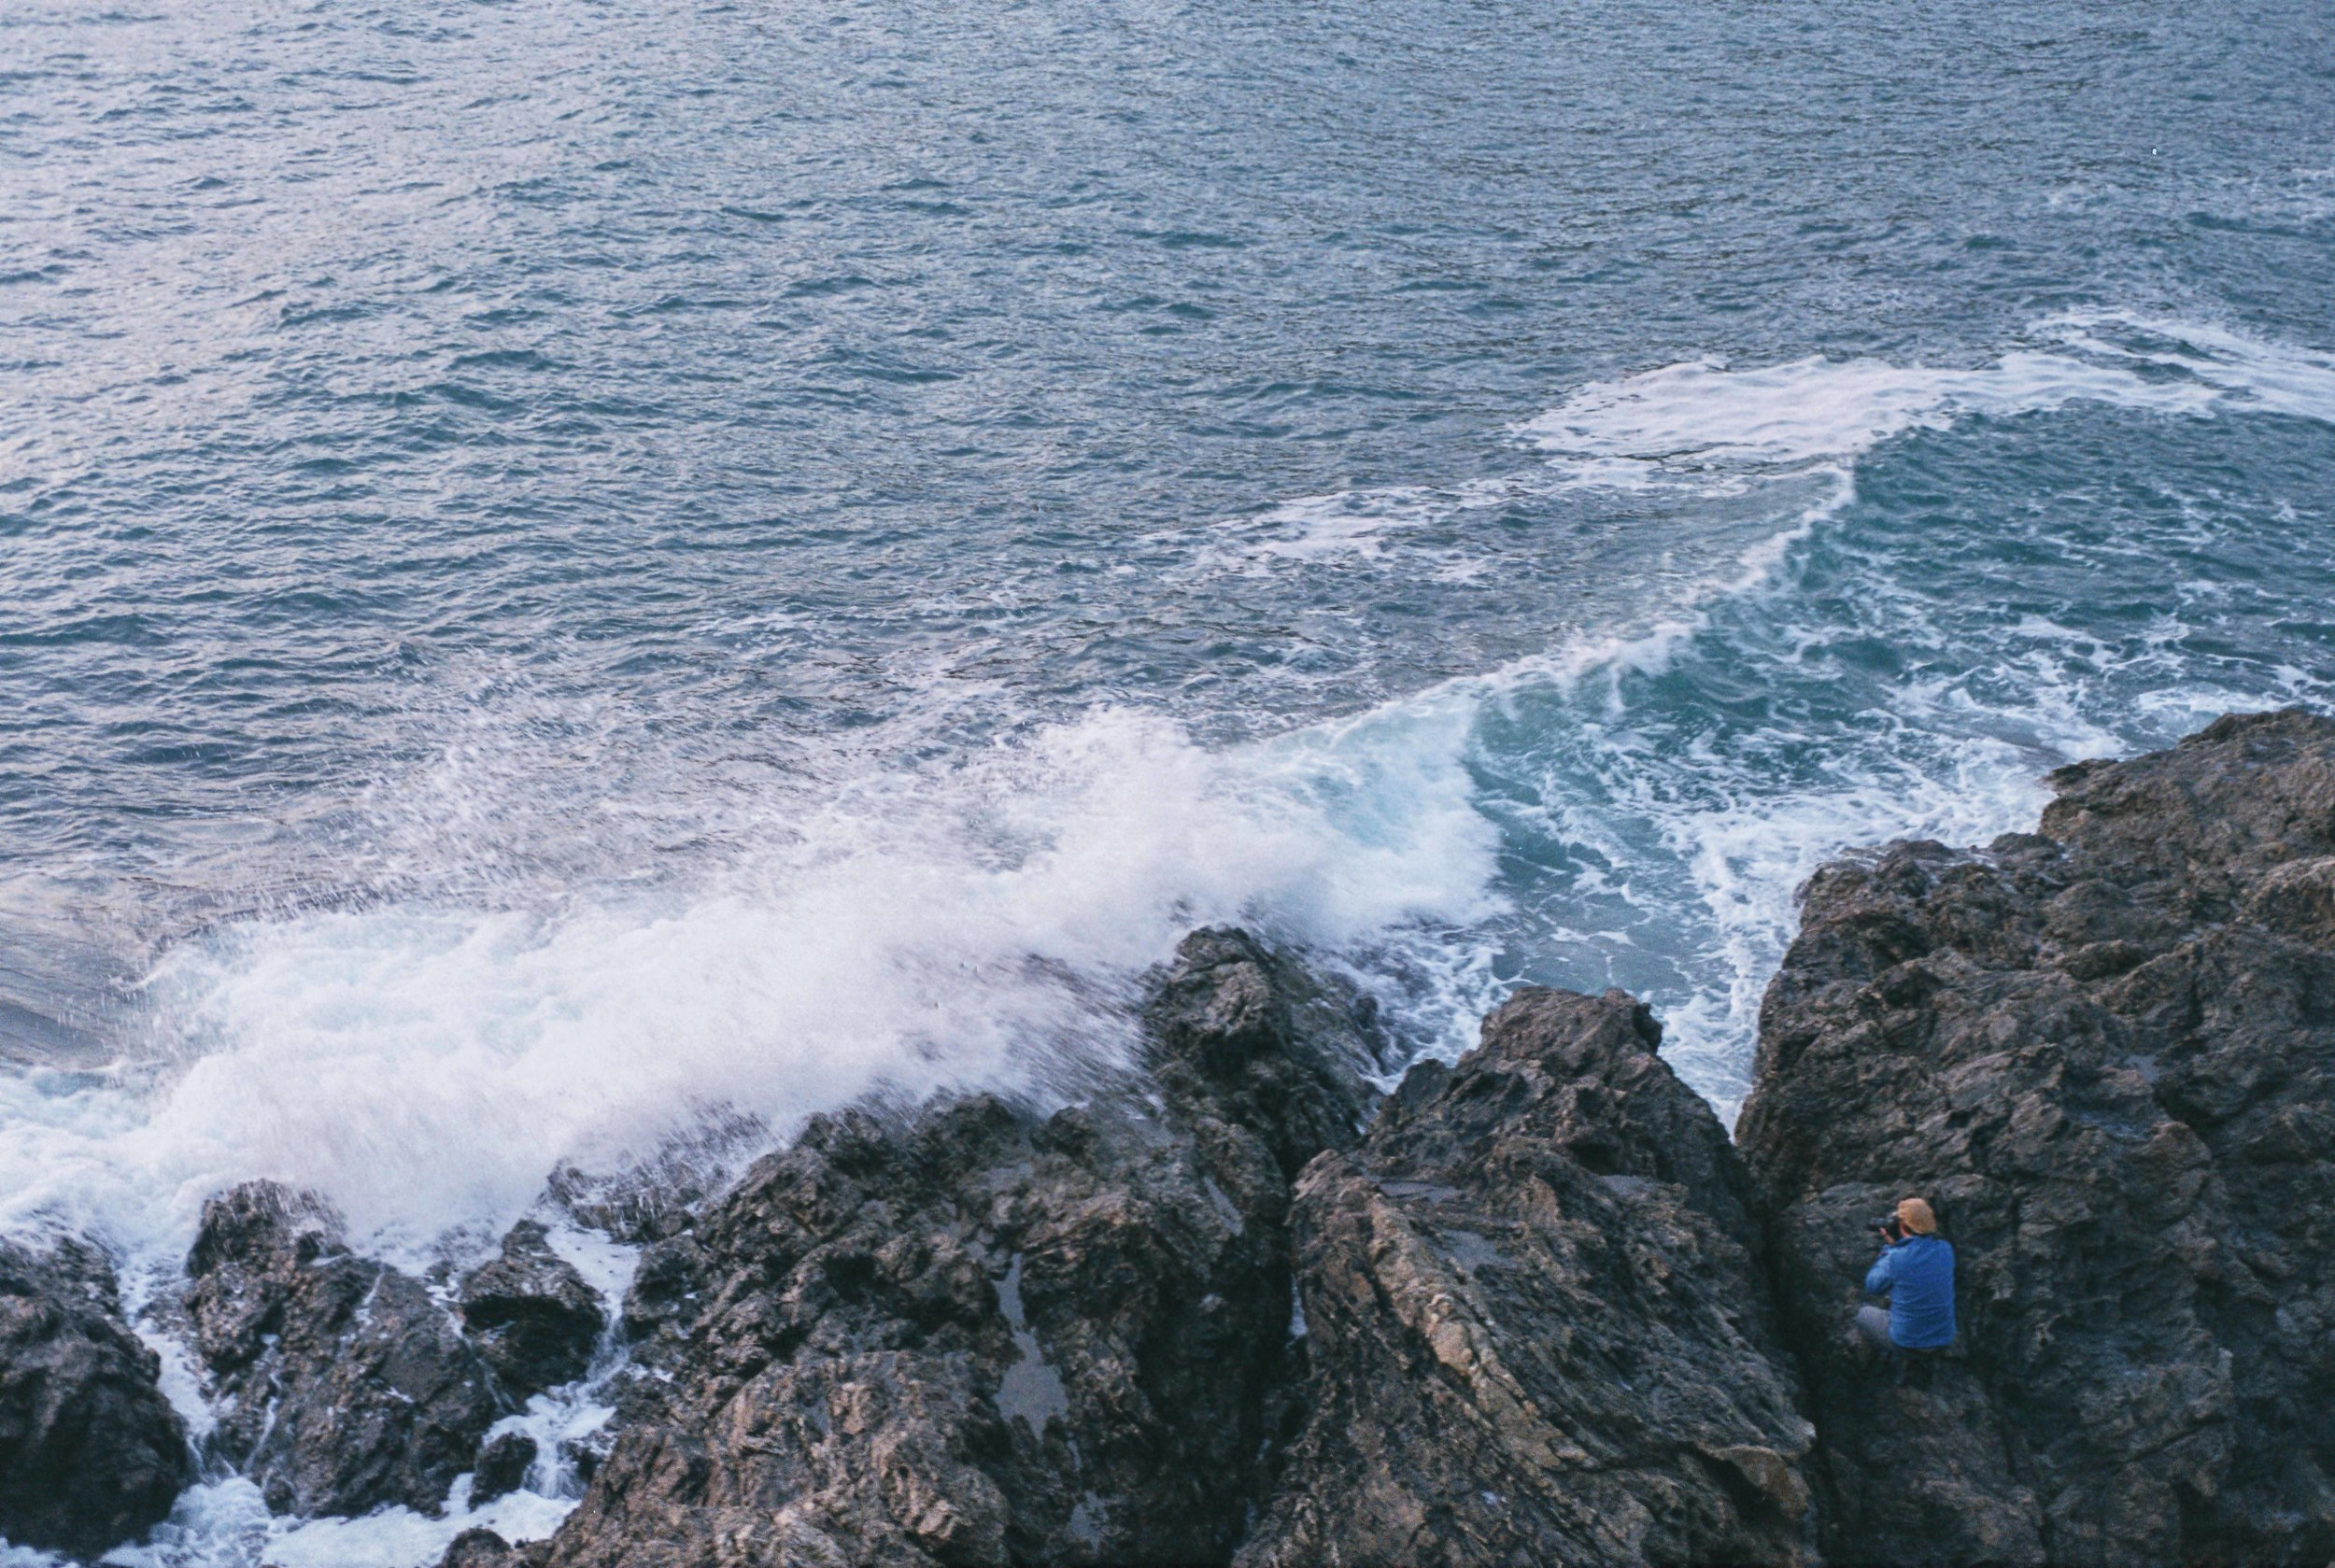 olas-rompiéndose-en -las rocas.jpg